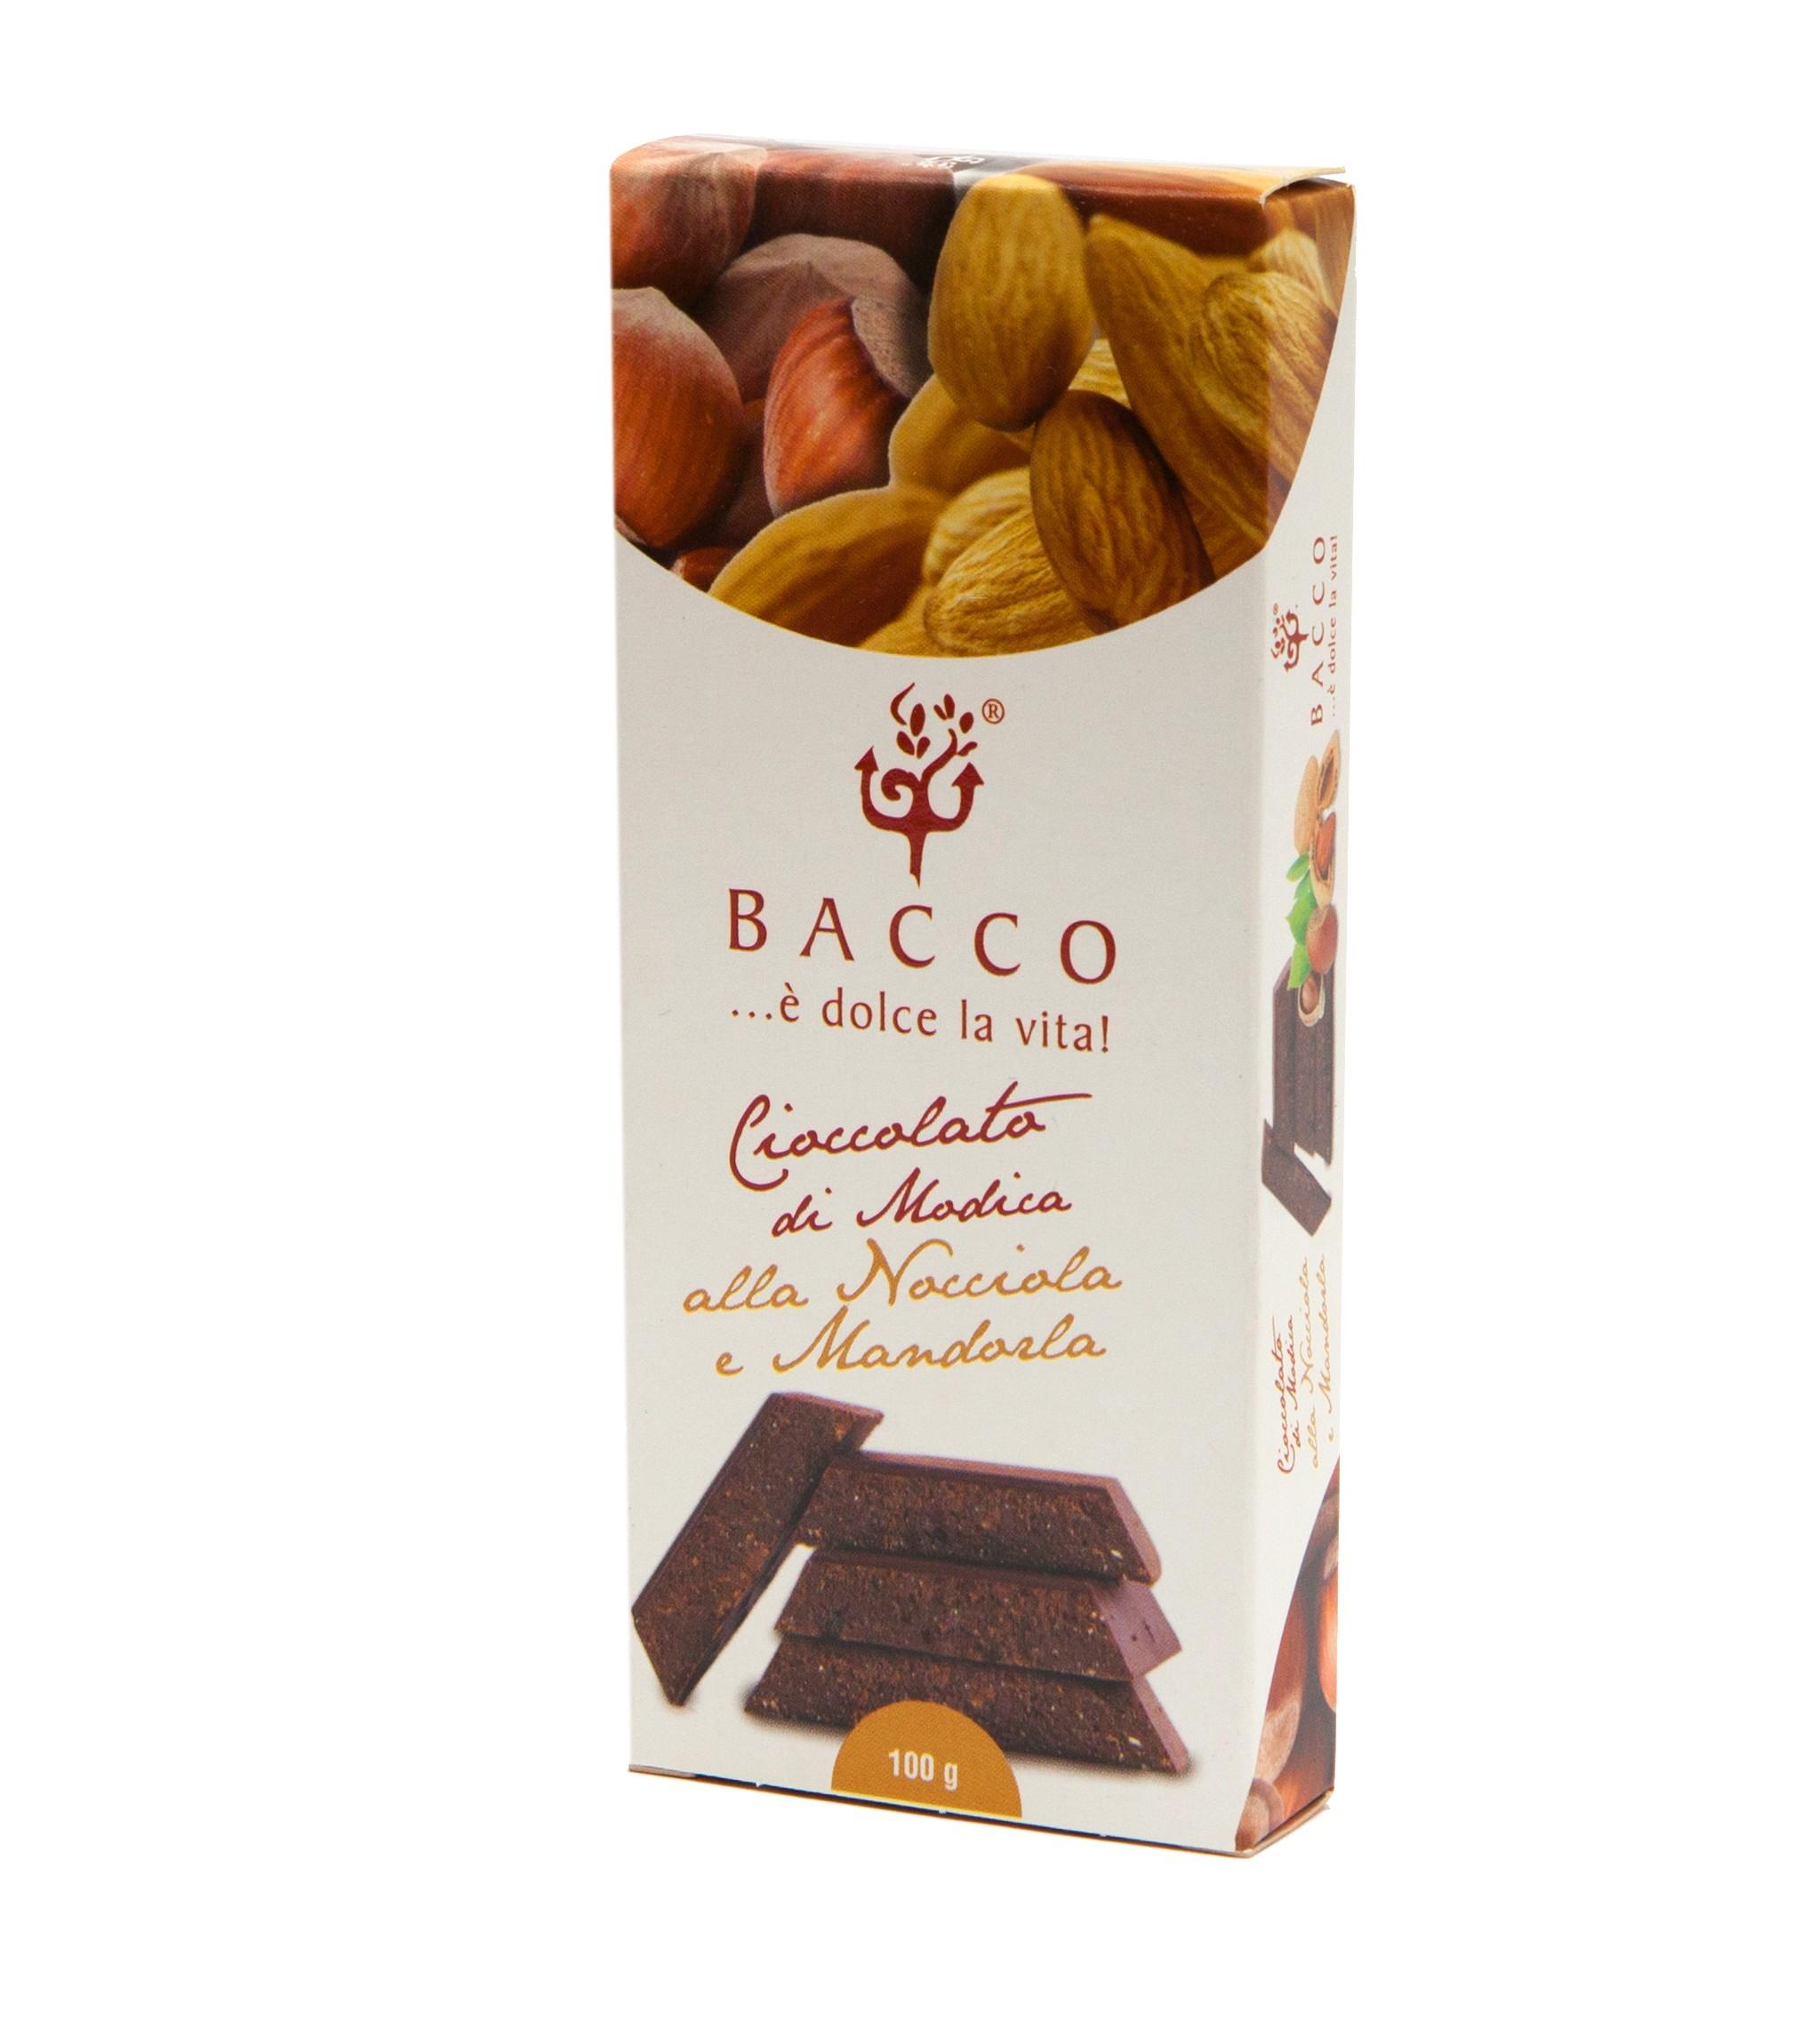 cioccolato nocciola mandorla bacco